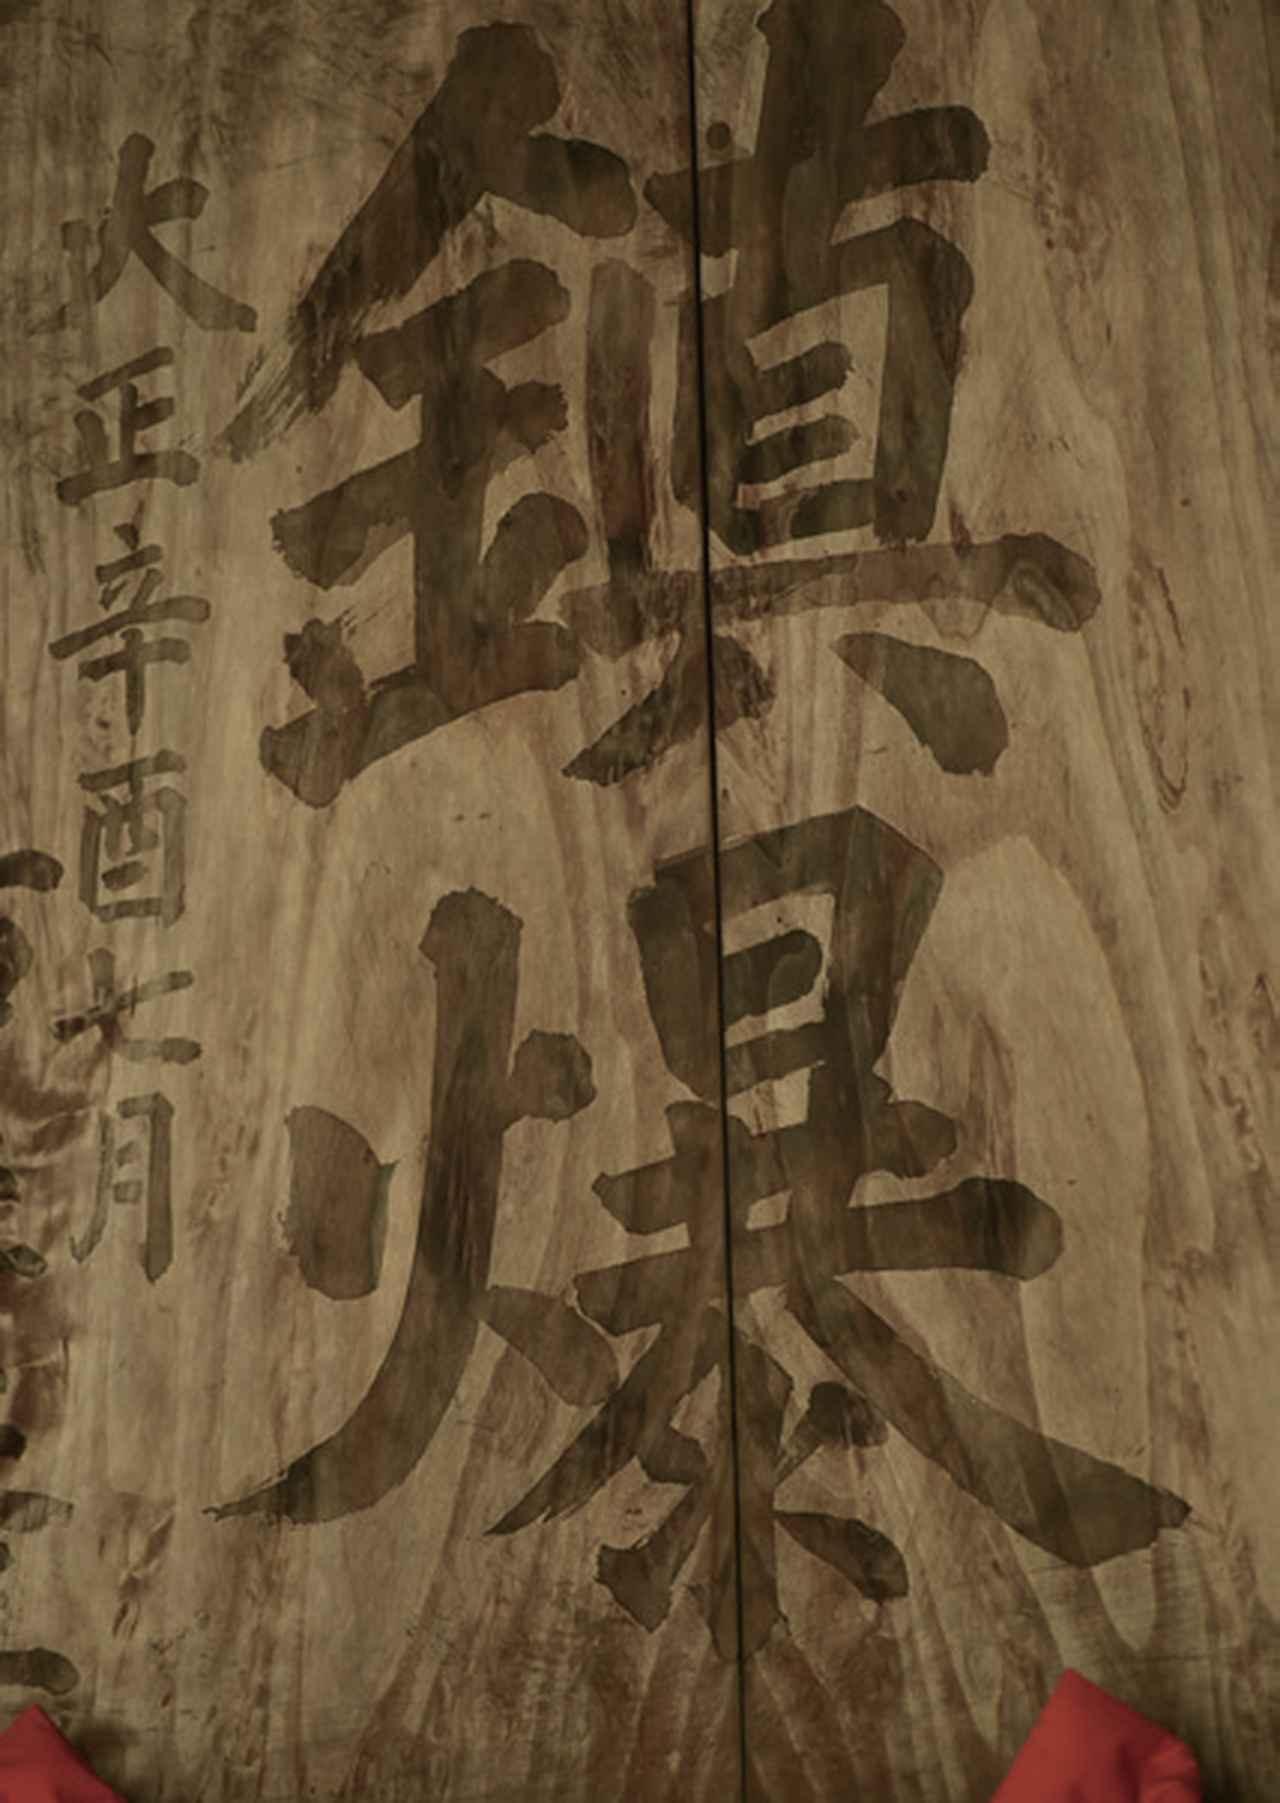 画像: 参拝時に、上を見るとこんな額がありました。「噴火を鎮める」という願いを込めて、奉納されたものでしょう。これぞまさに、河口浅間神社ならではのものといえますね。